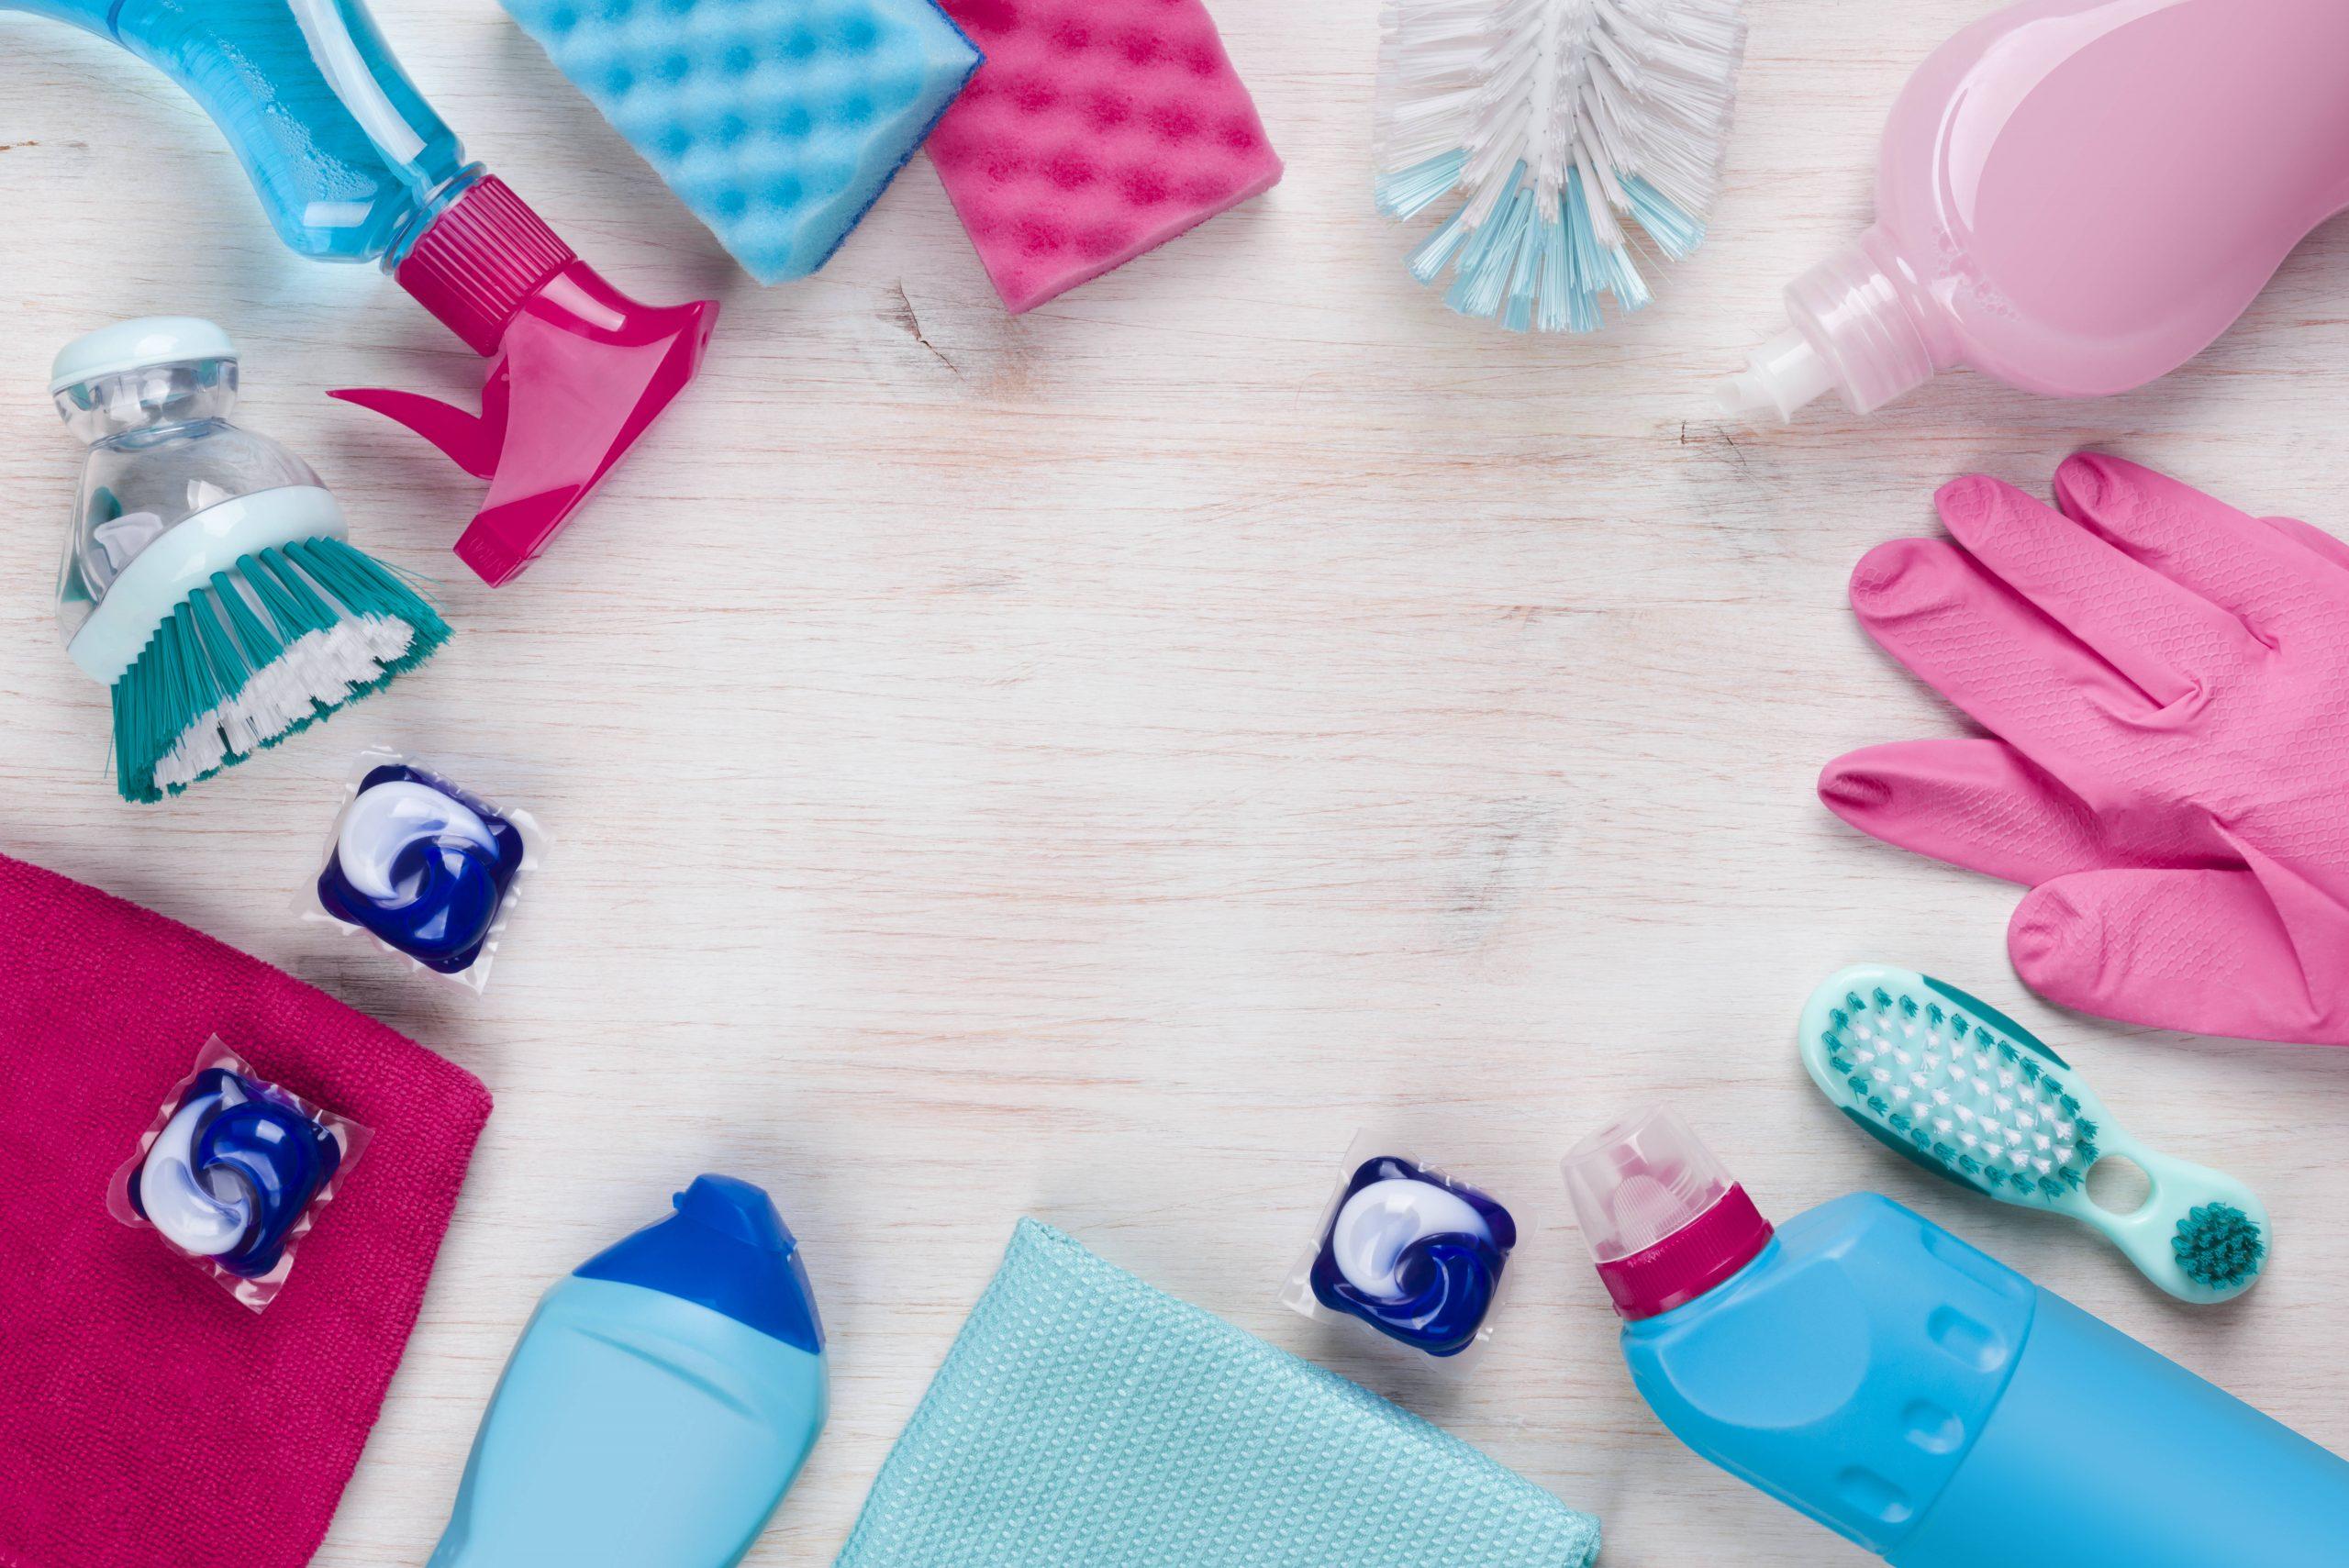 Limpiar de forma ecológica es posible